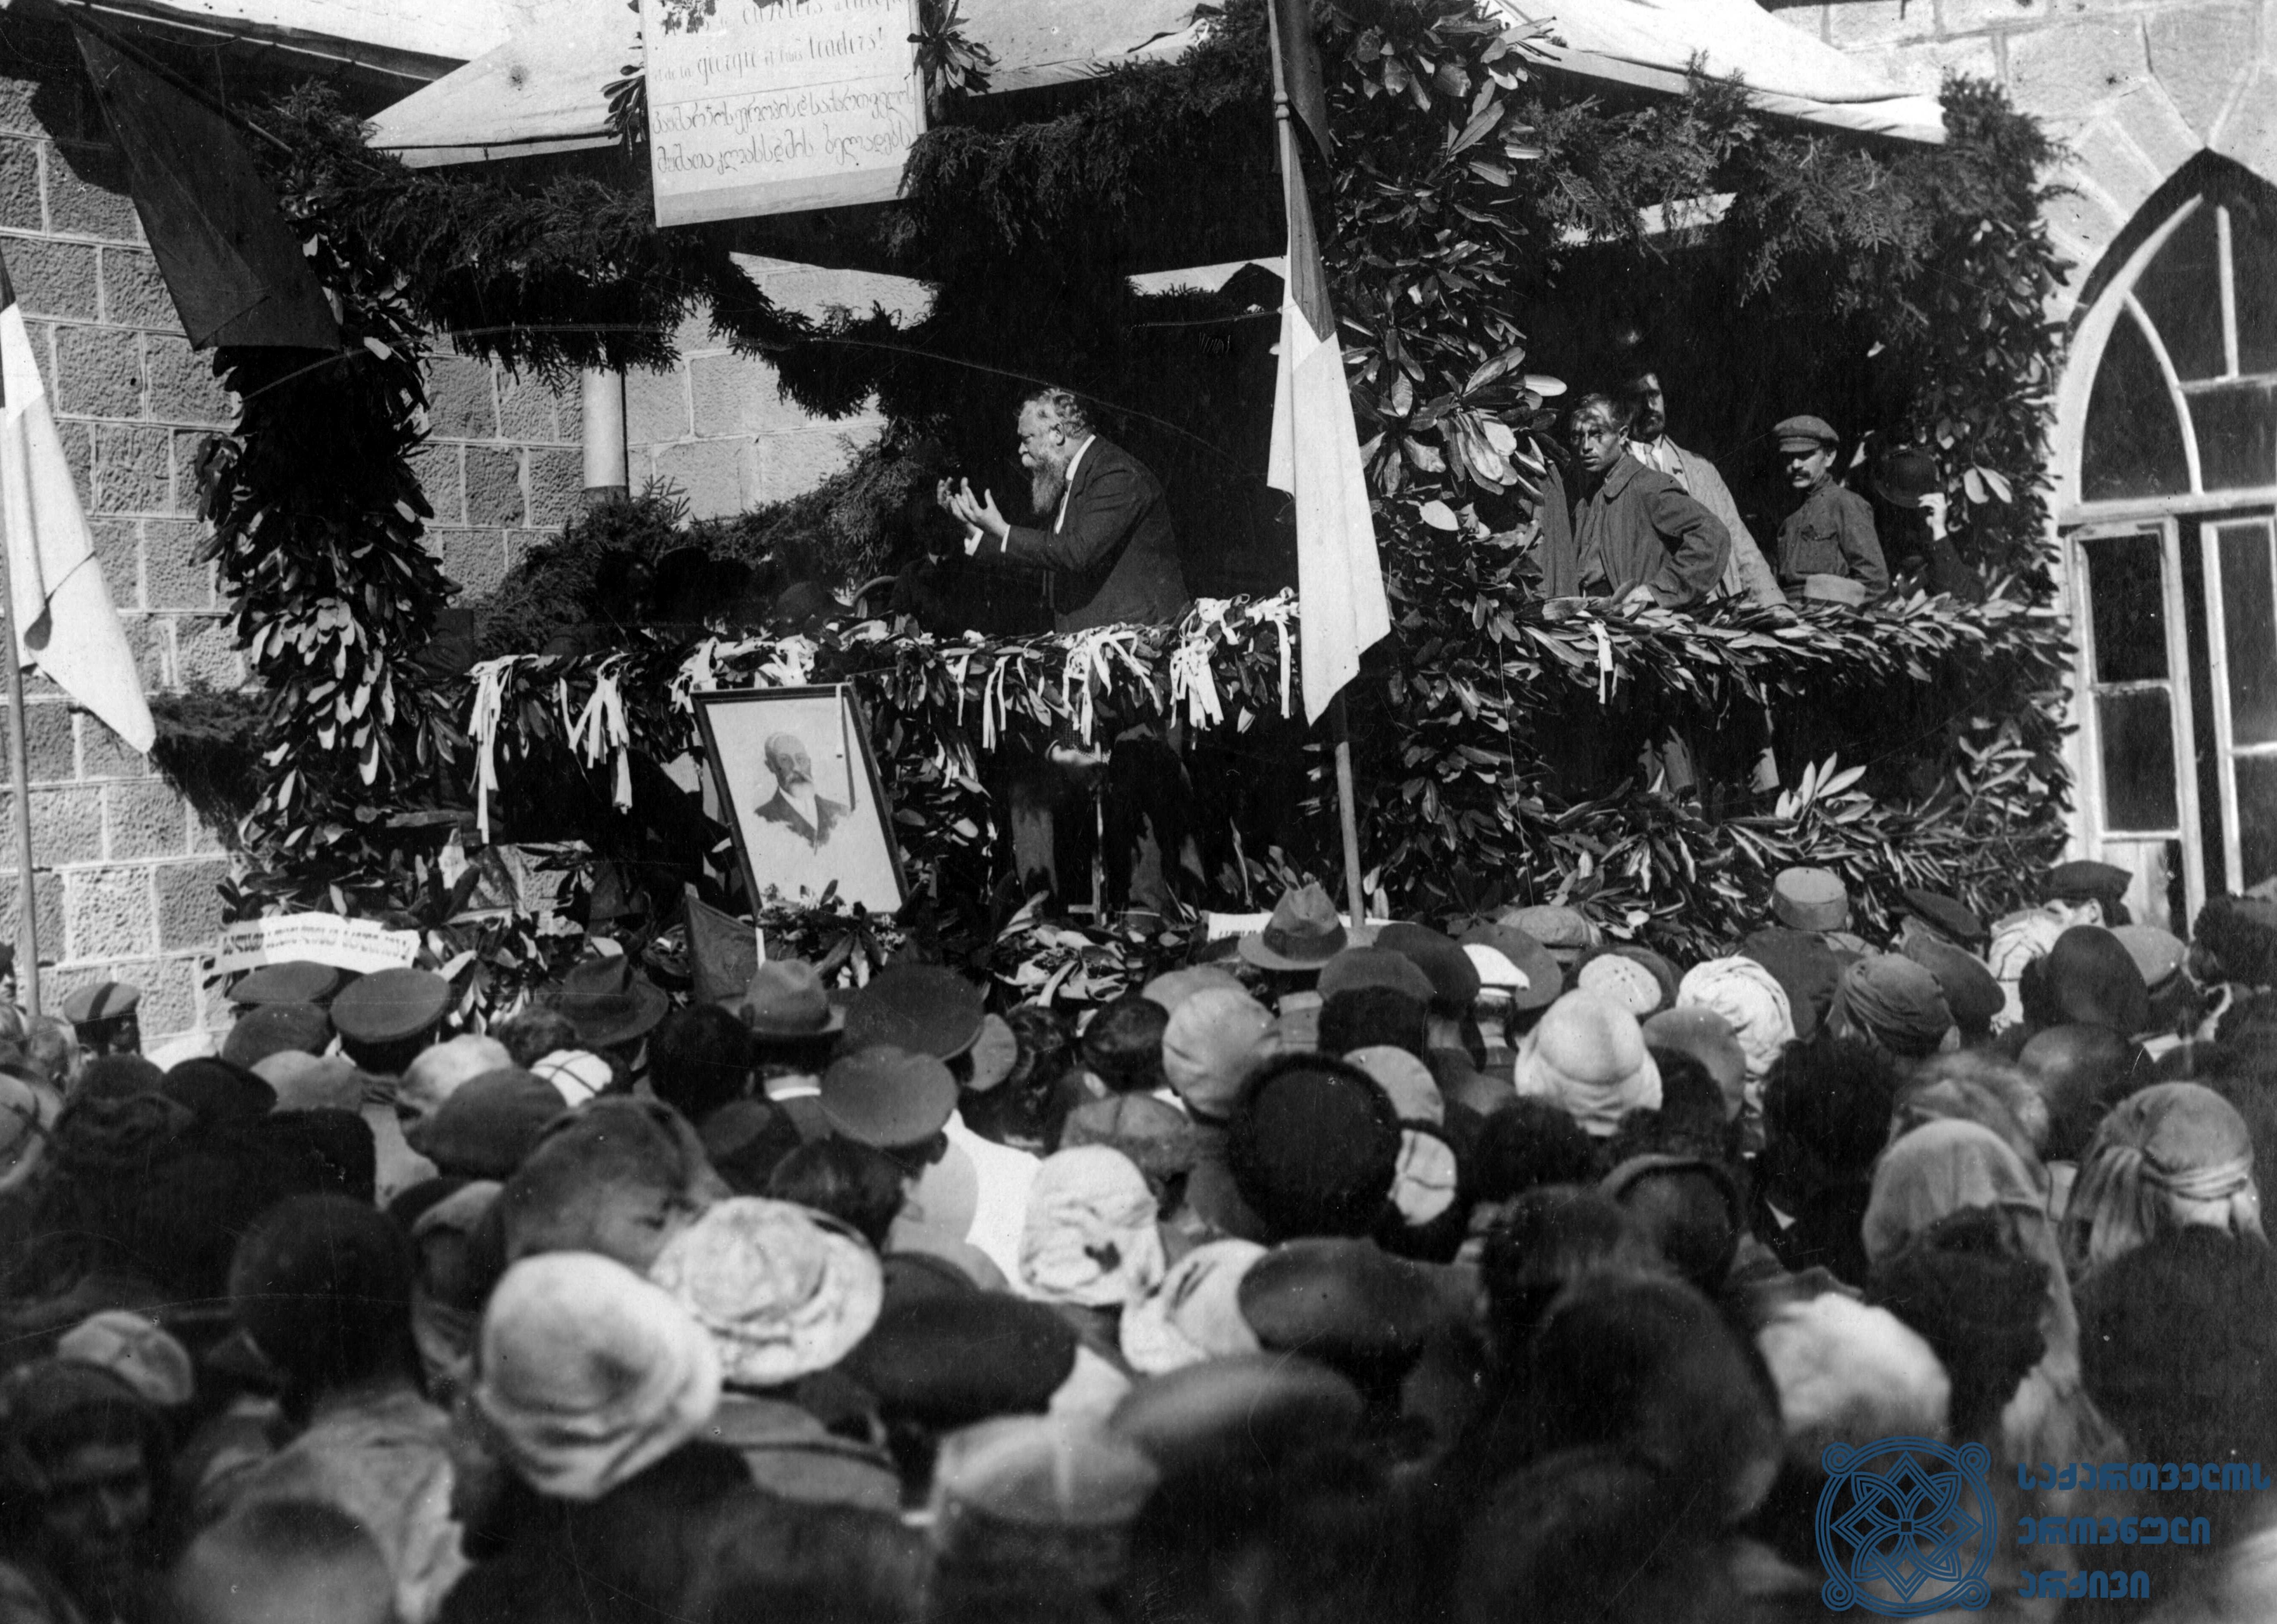 ფრანგი სოციალისტის – ალბერტ ინგელსის – სიტყვით გამოსვლა თბილისის მუშათა ერთ-ერთ მიტინგზე. 1920 წლის სექტემბერი. <br> French Socialist Albert Ingels is giving a speech at one of the workers' rallies in Tbilisi. September 1920.